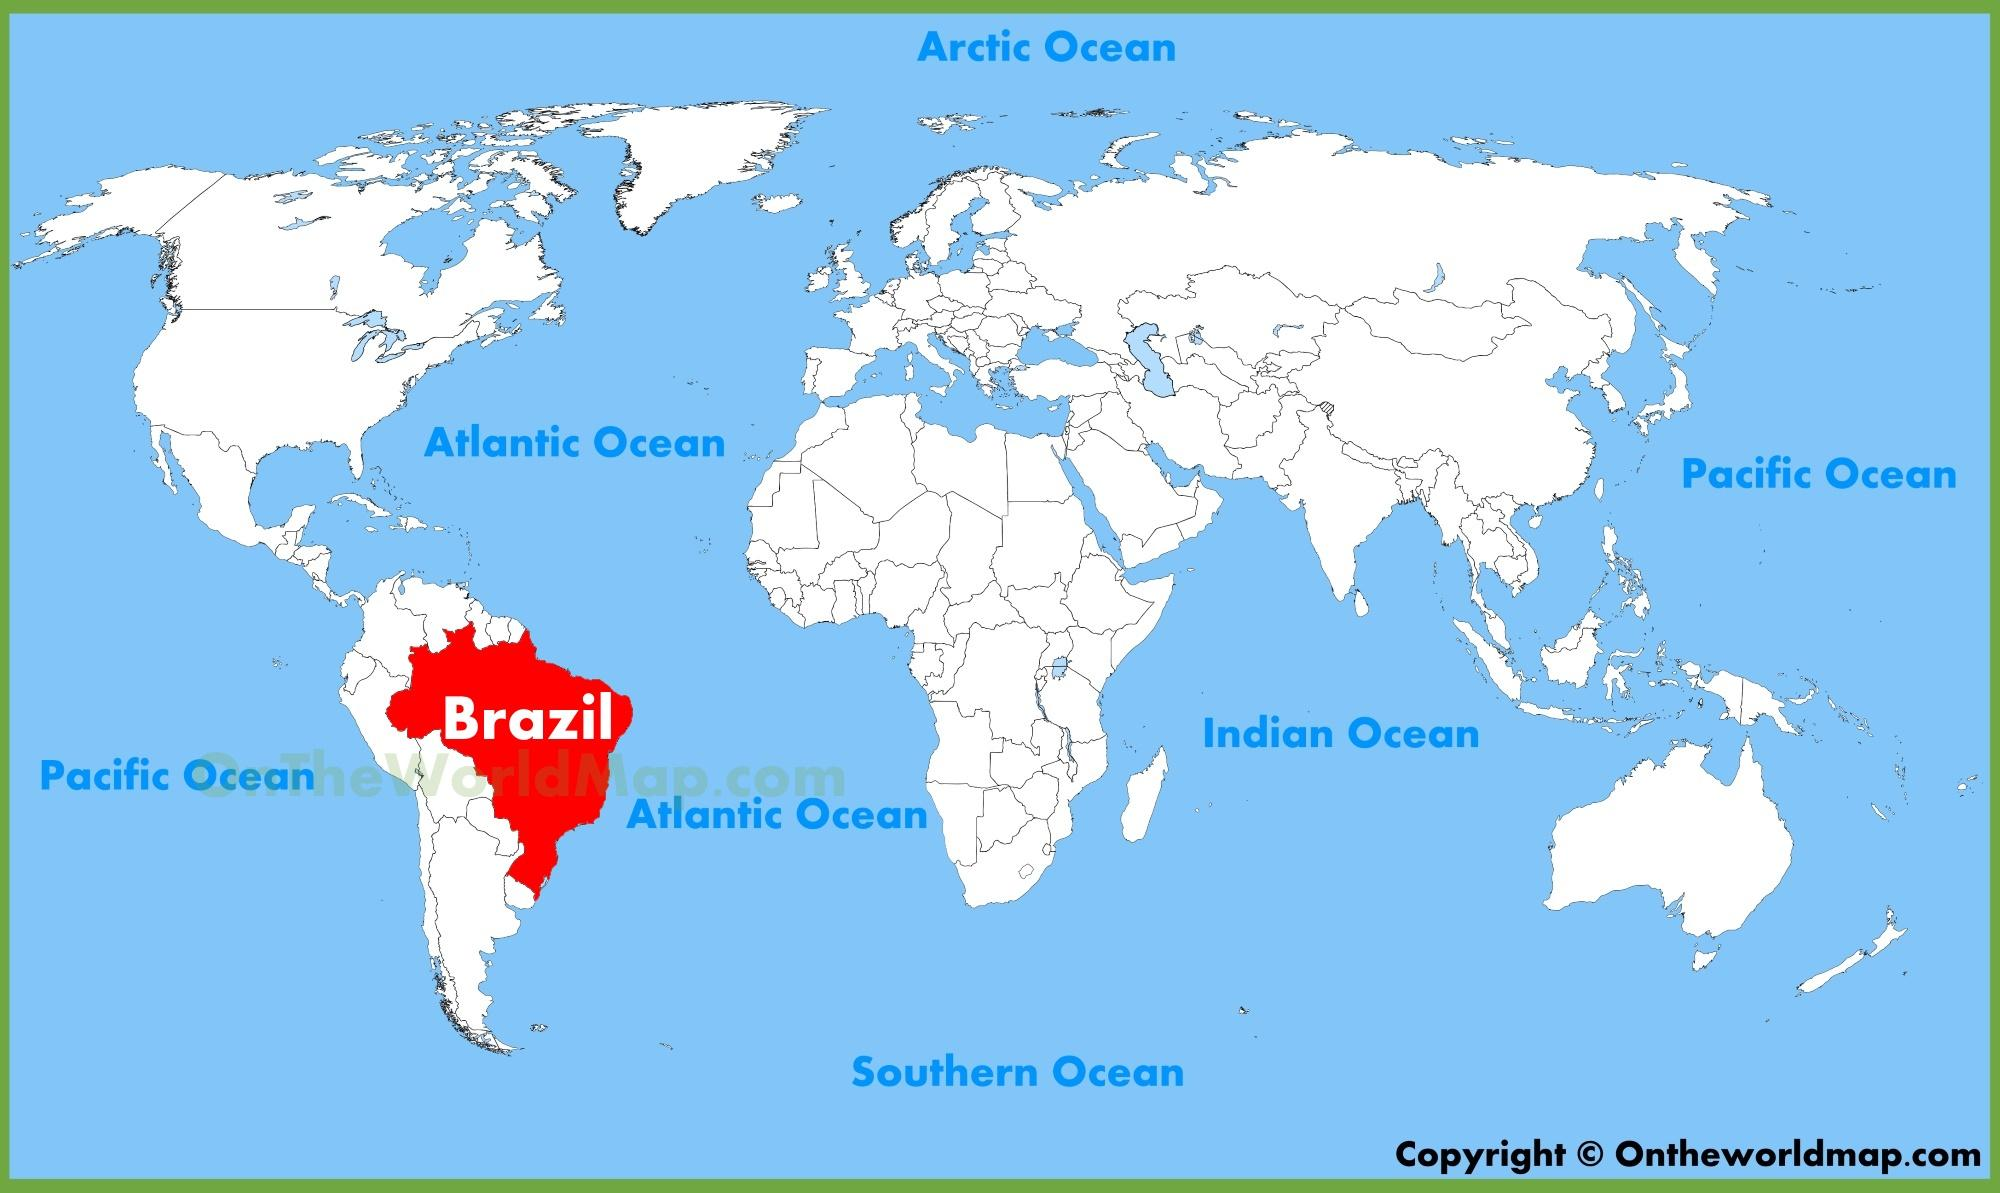 Brasilien Karte Welt.Weltkarte Brasilien Karte Von Welt Brasilien South America